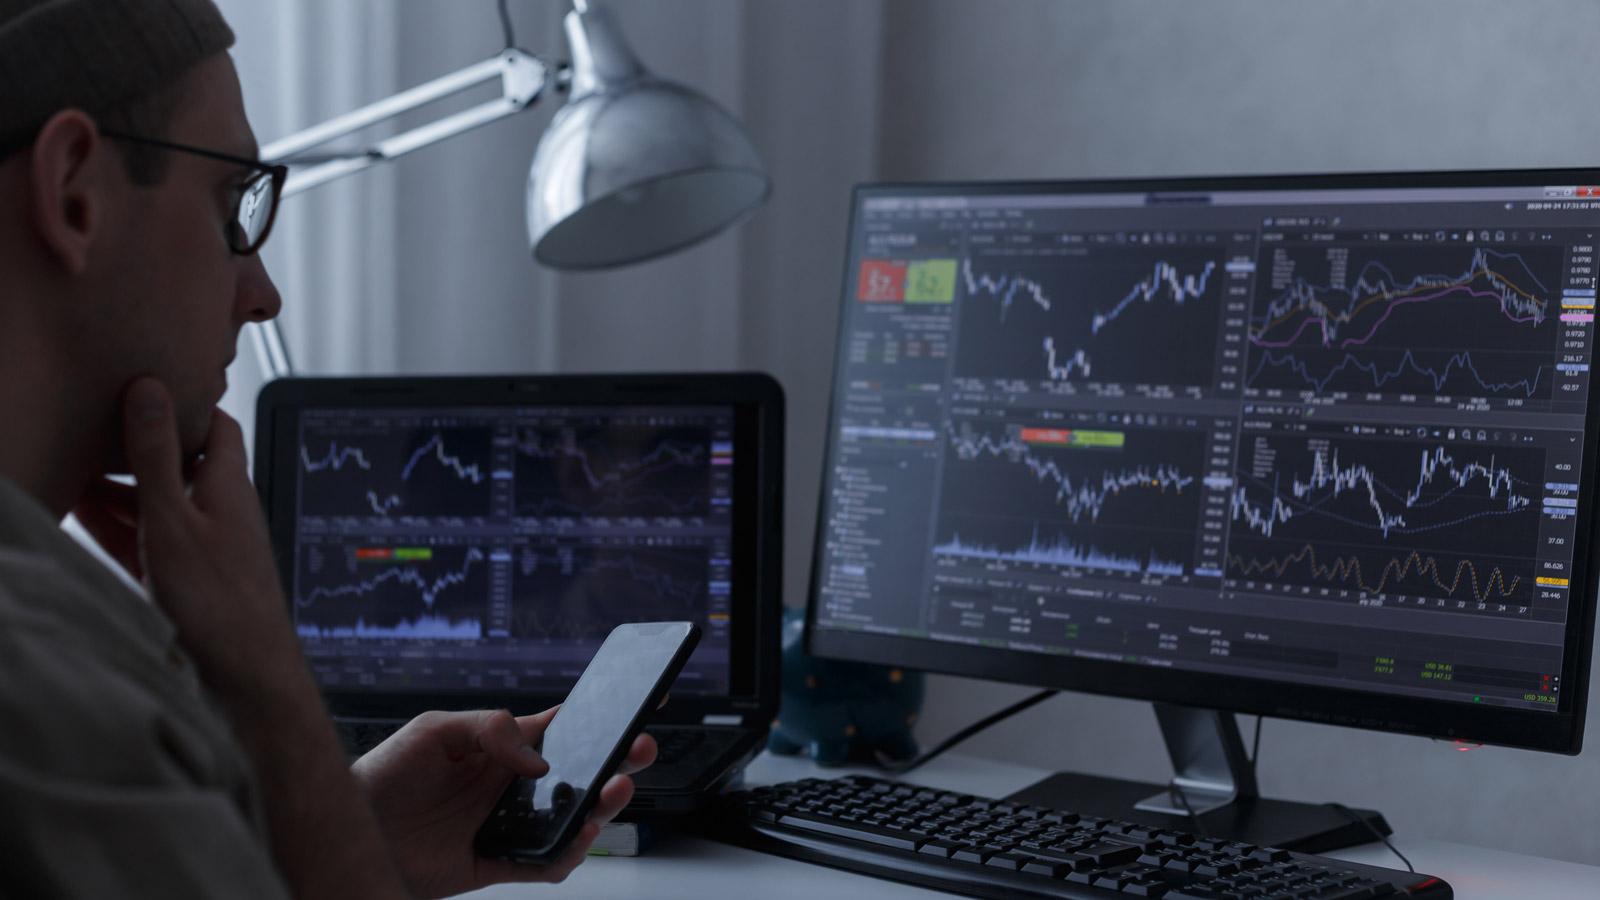 ACCENTURE prognozuje - Zmierzch ery cyfryzacji w handlu? handel mediarun technologia handel cyfryzacja 2020